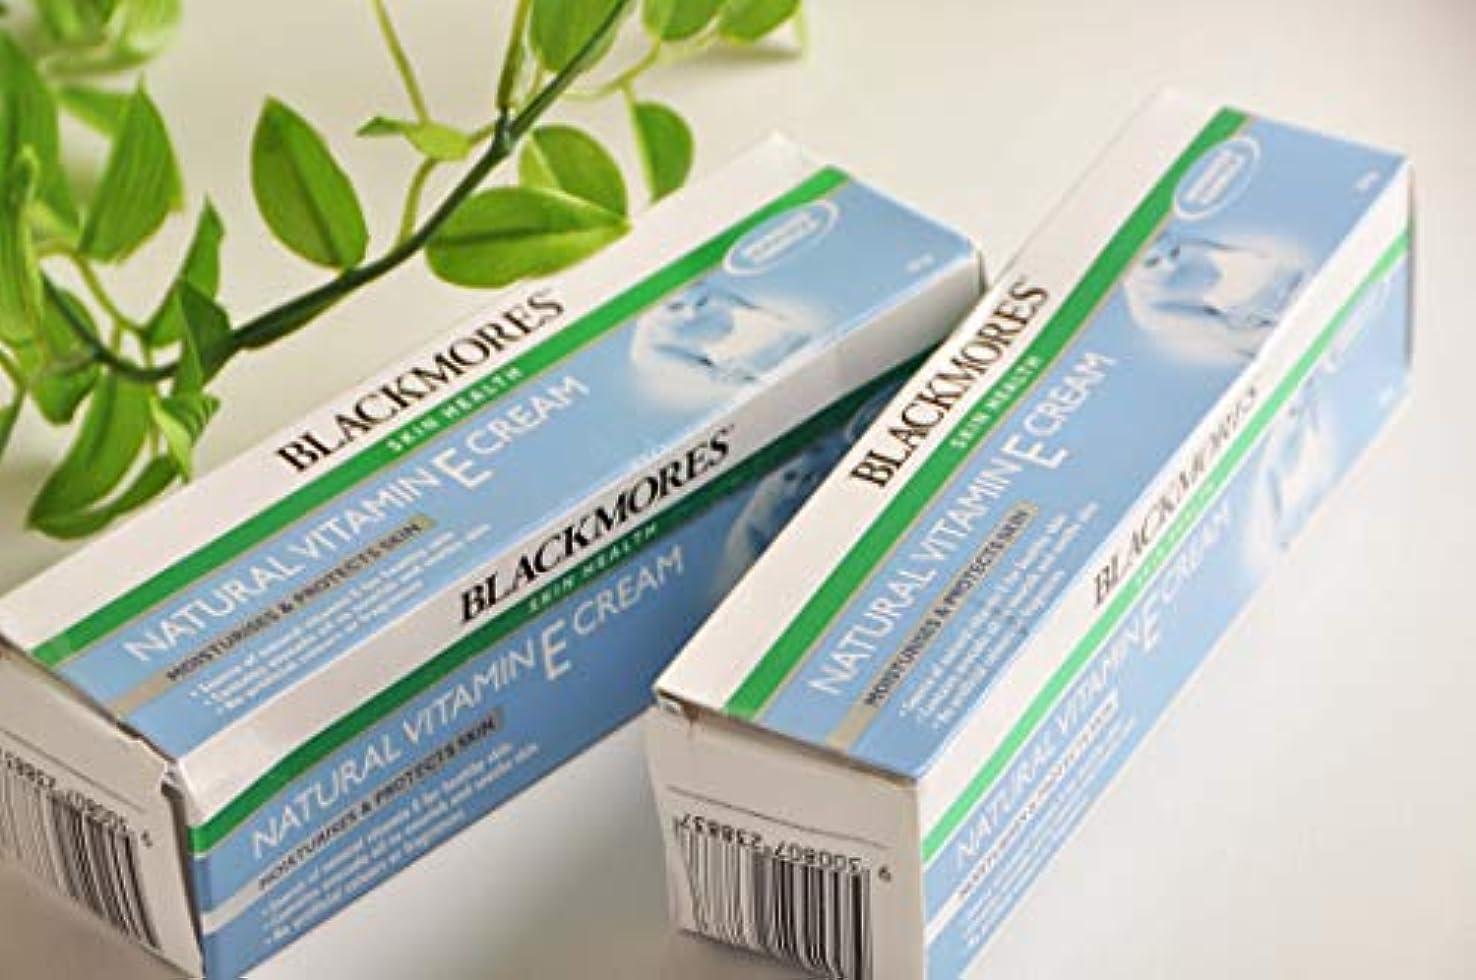 学部連続した毒液BLACKMORES(ブラックモアズ) ナチュラル ビタミンE クリーム 【海外直送品】 [並行輸入品]